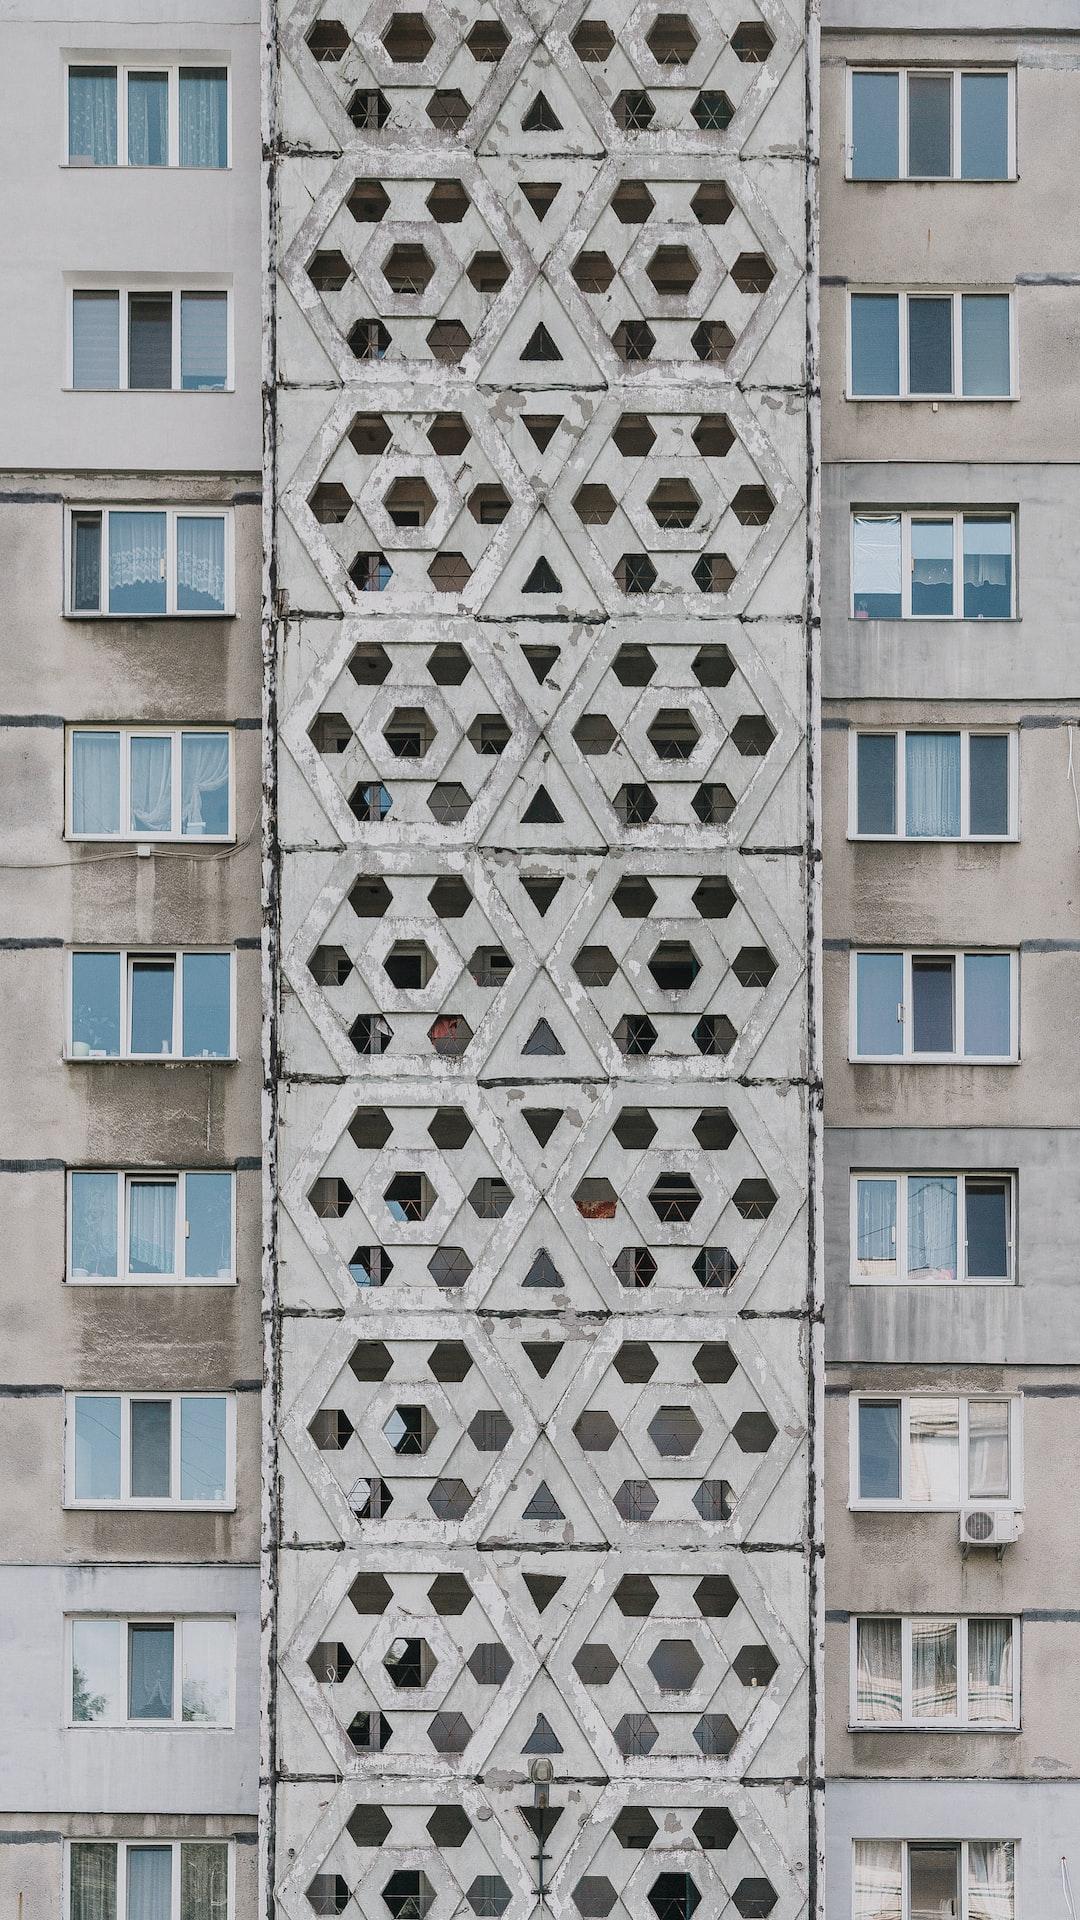 UKRAINE. Kiev. 2019.